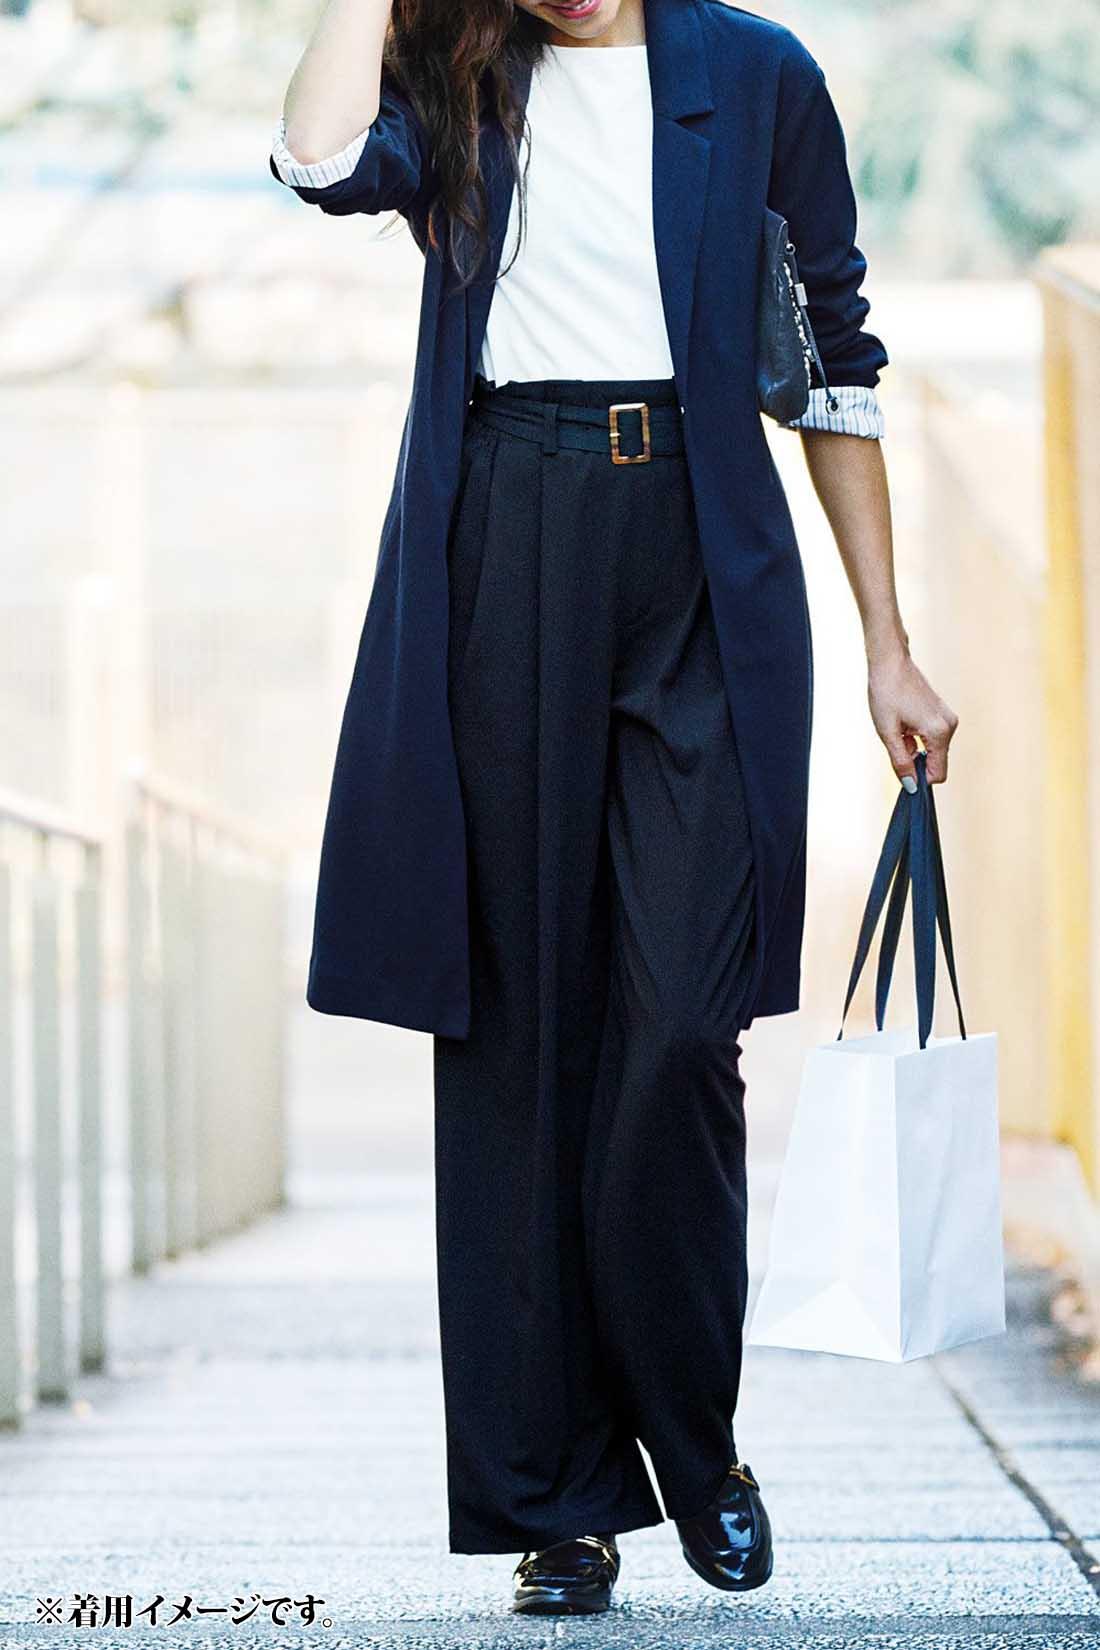 コート感覚でハンサムに きれいめの素材感&スマートな衿デザインで仕立てているから、きちんと感が欲しい日にも、辛口に仕上げたい日にもハンサムに決まります。